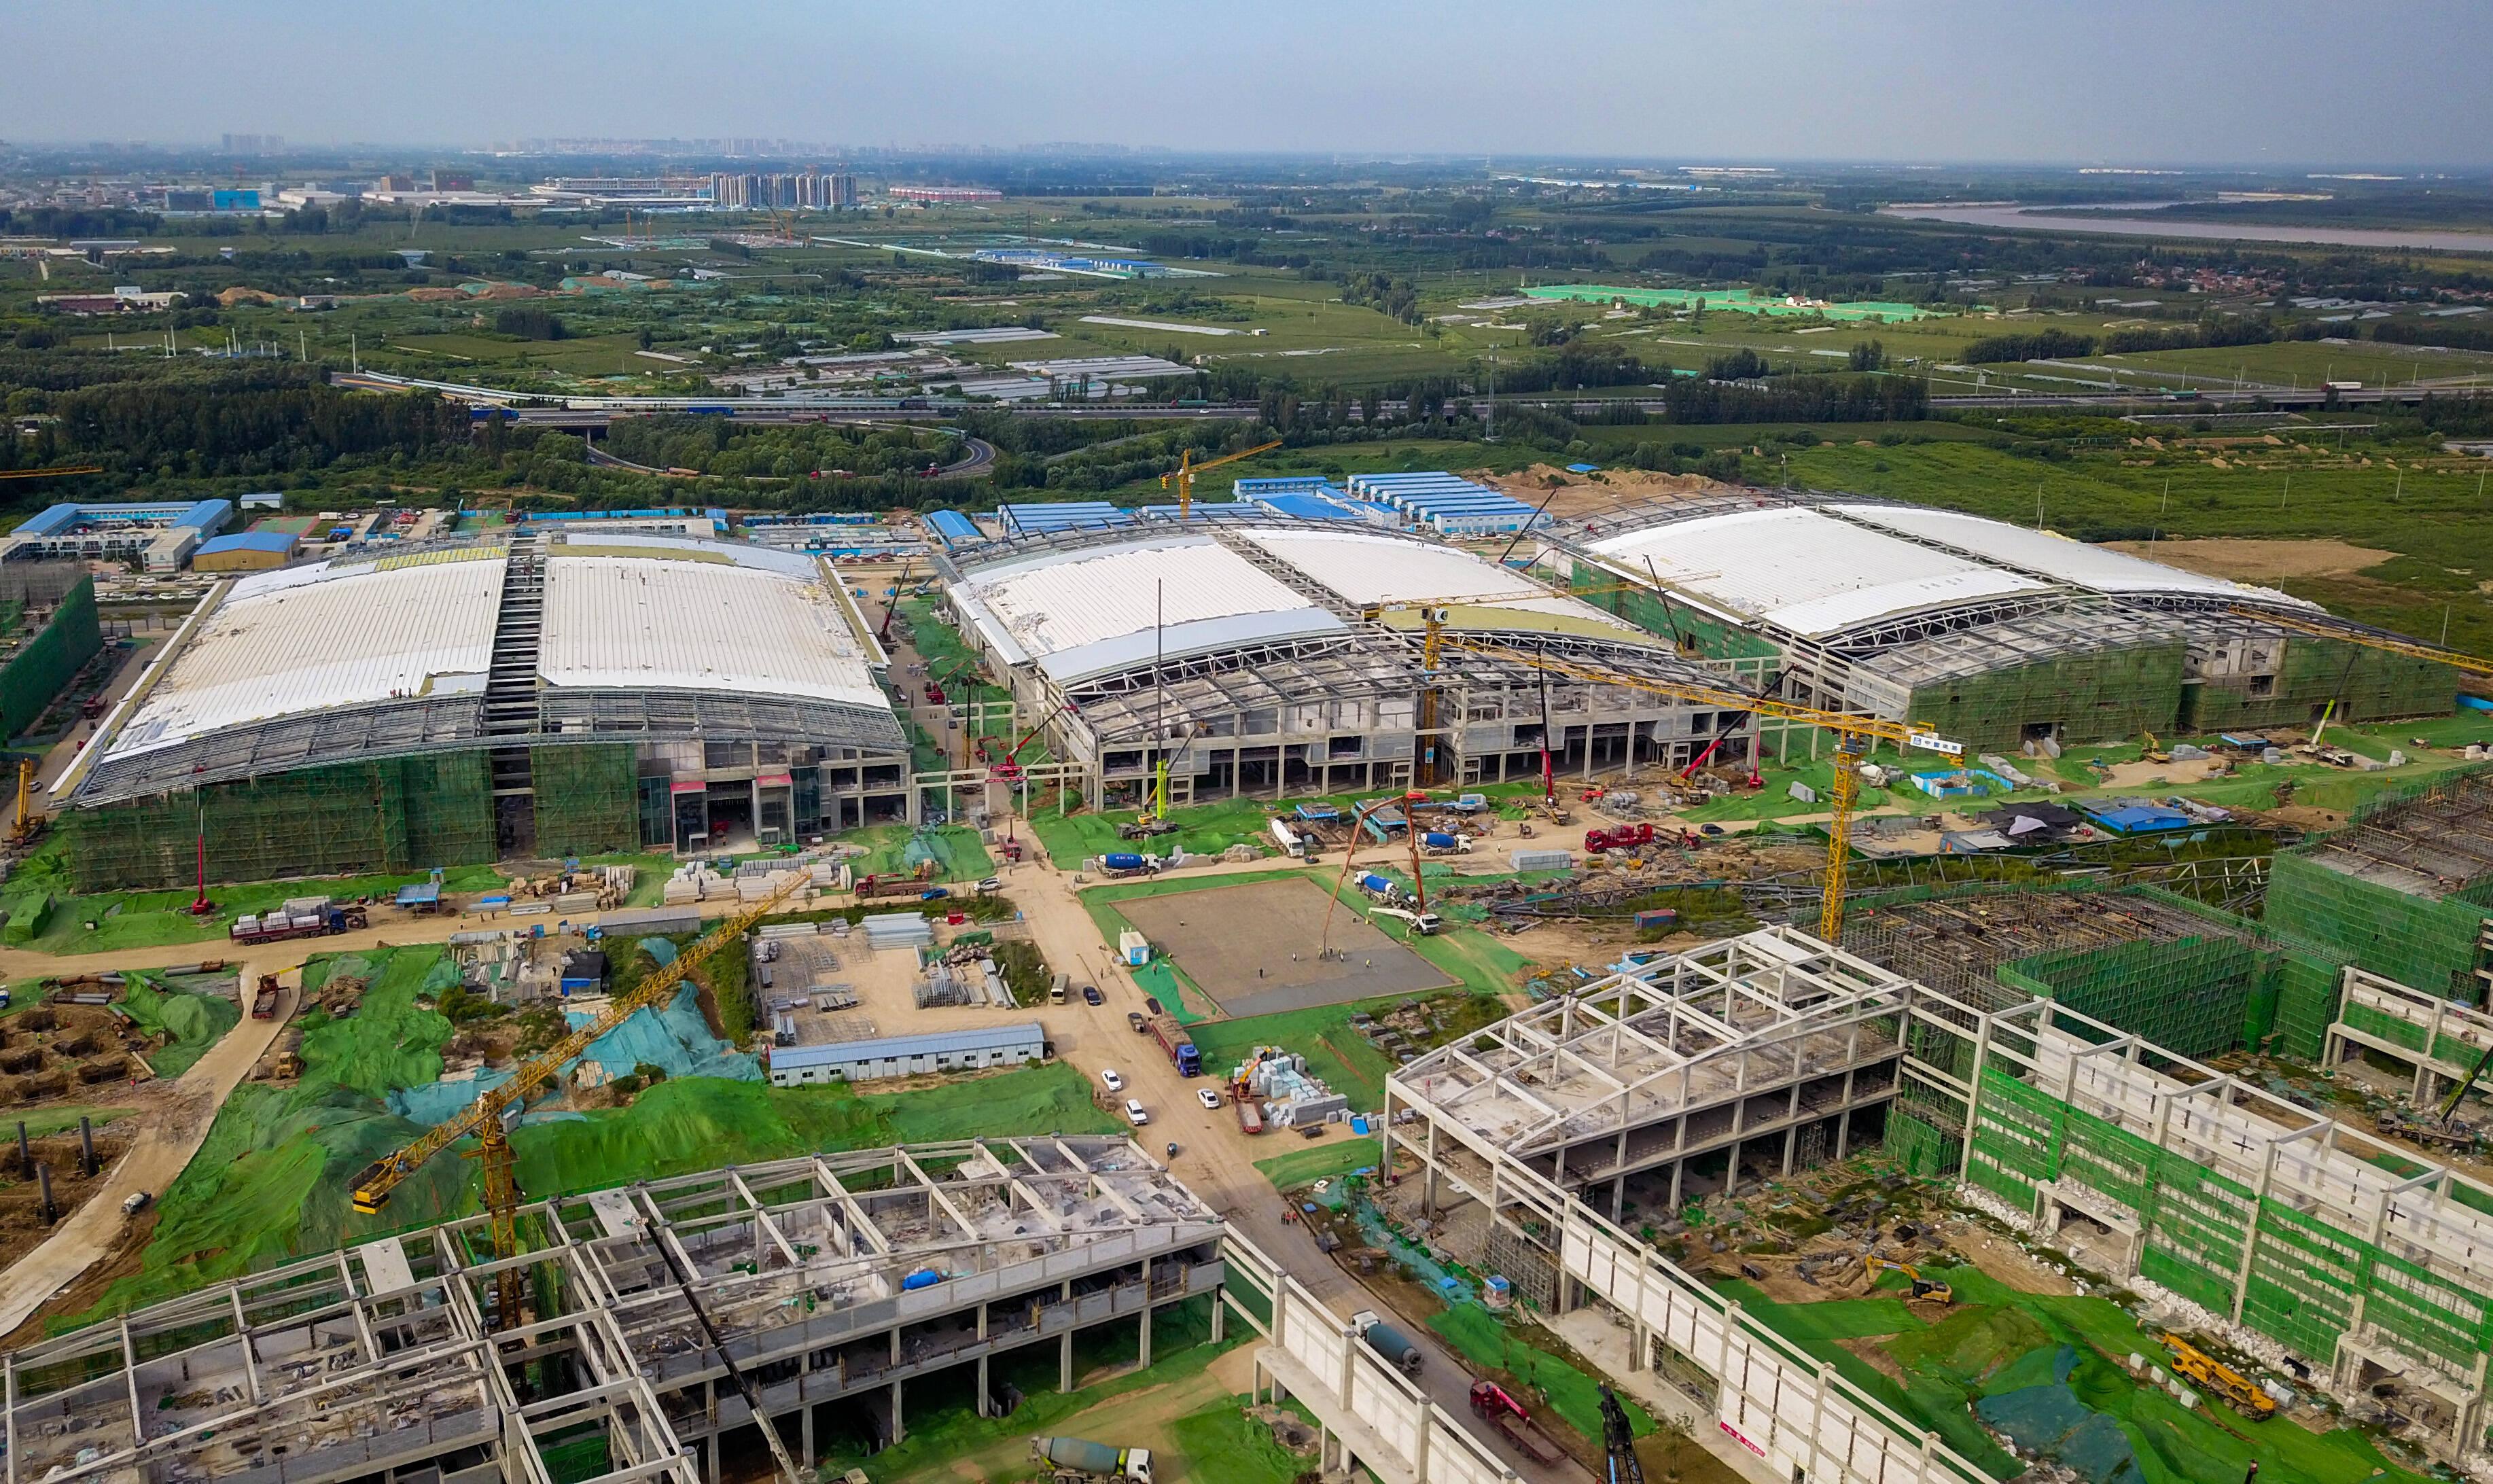 影像力|4000余人、200余台起重设备 济南起步区全球最大会展中心为迎首展忙建设